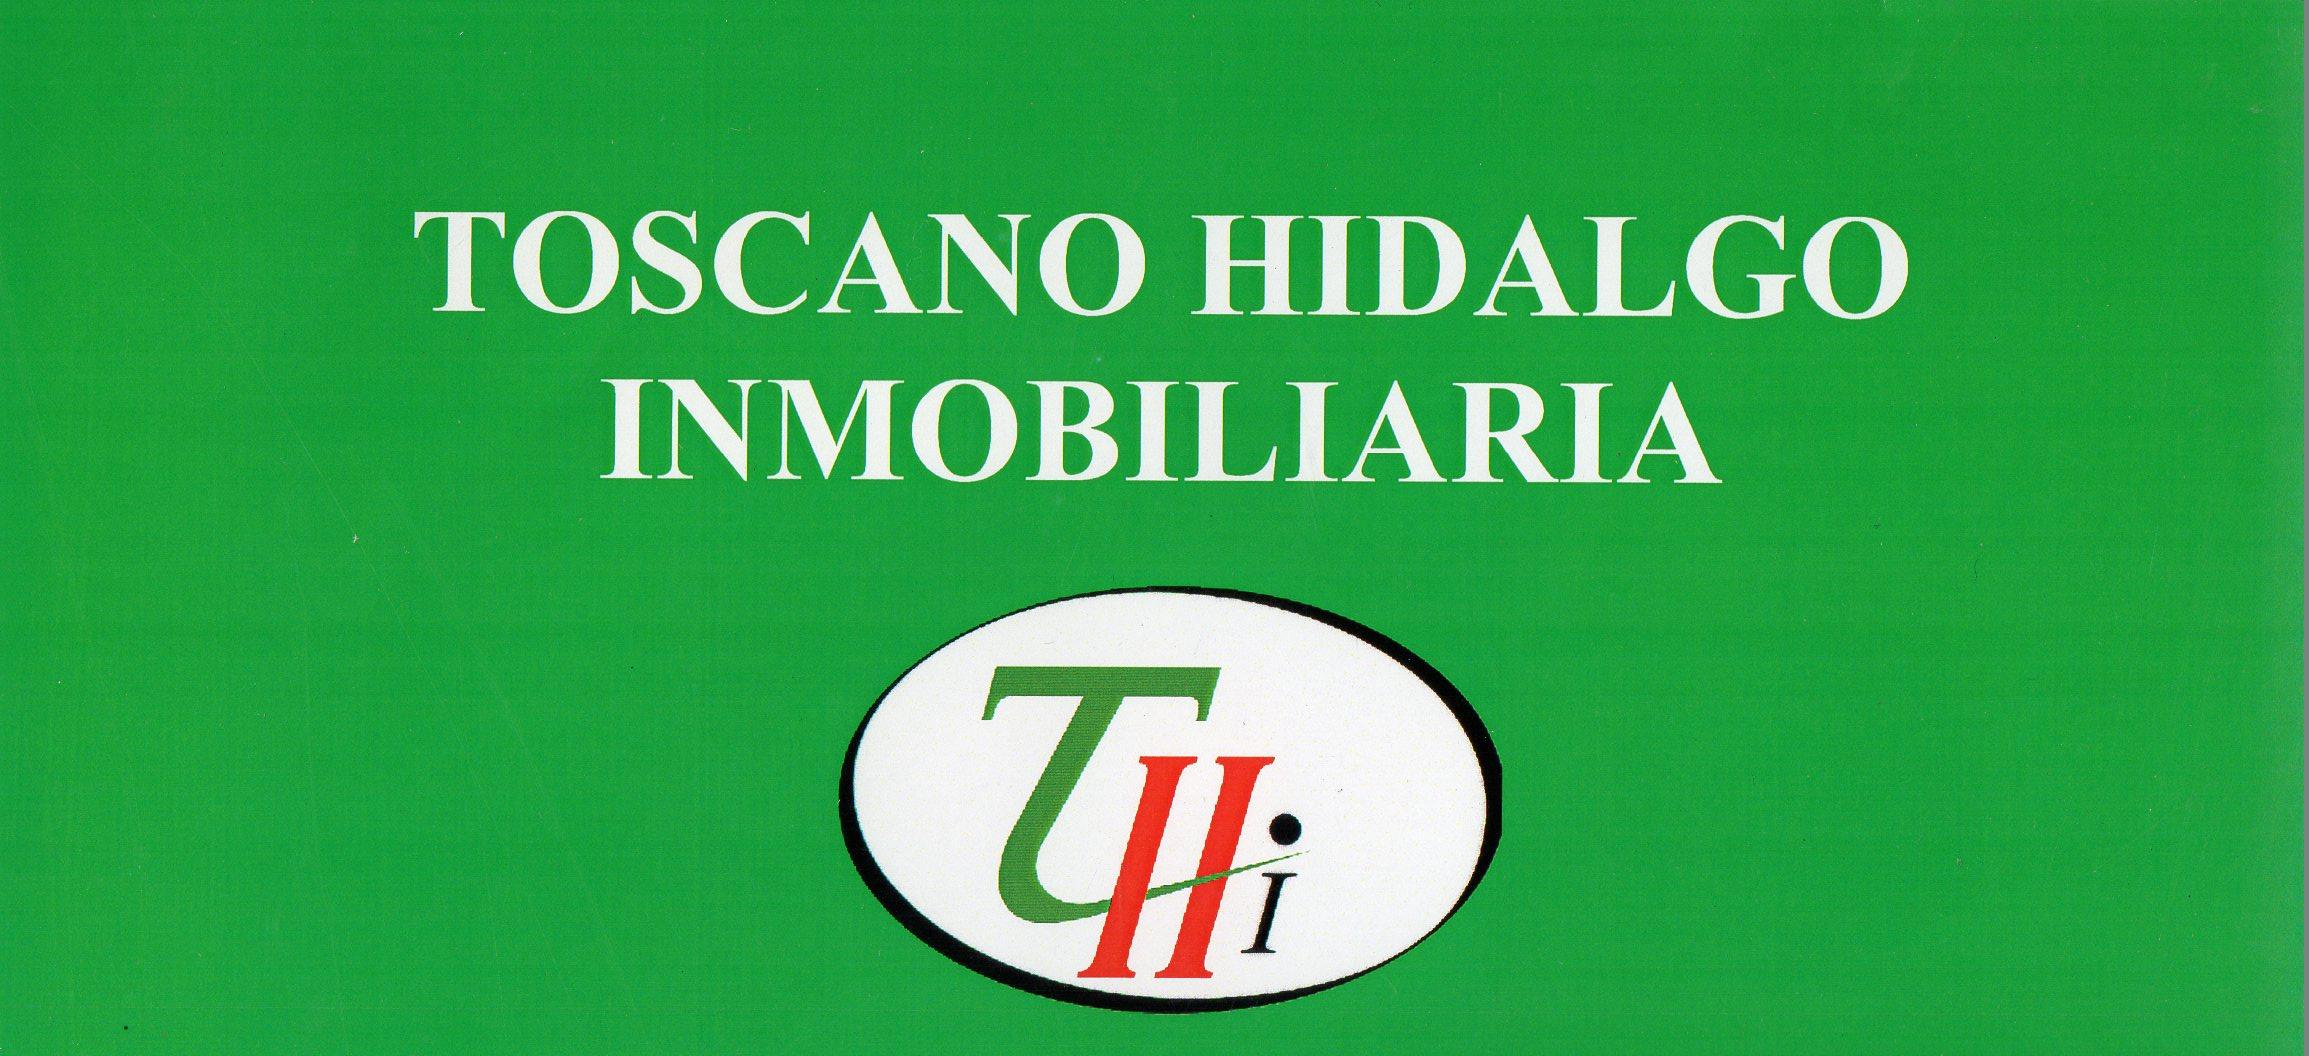 Logo de  Toscano Hidalgo